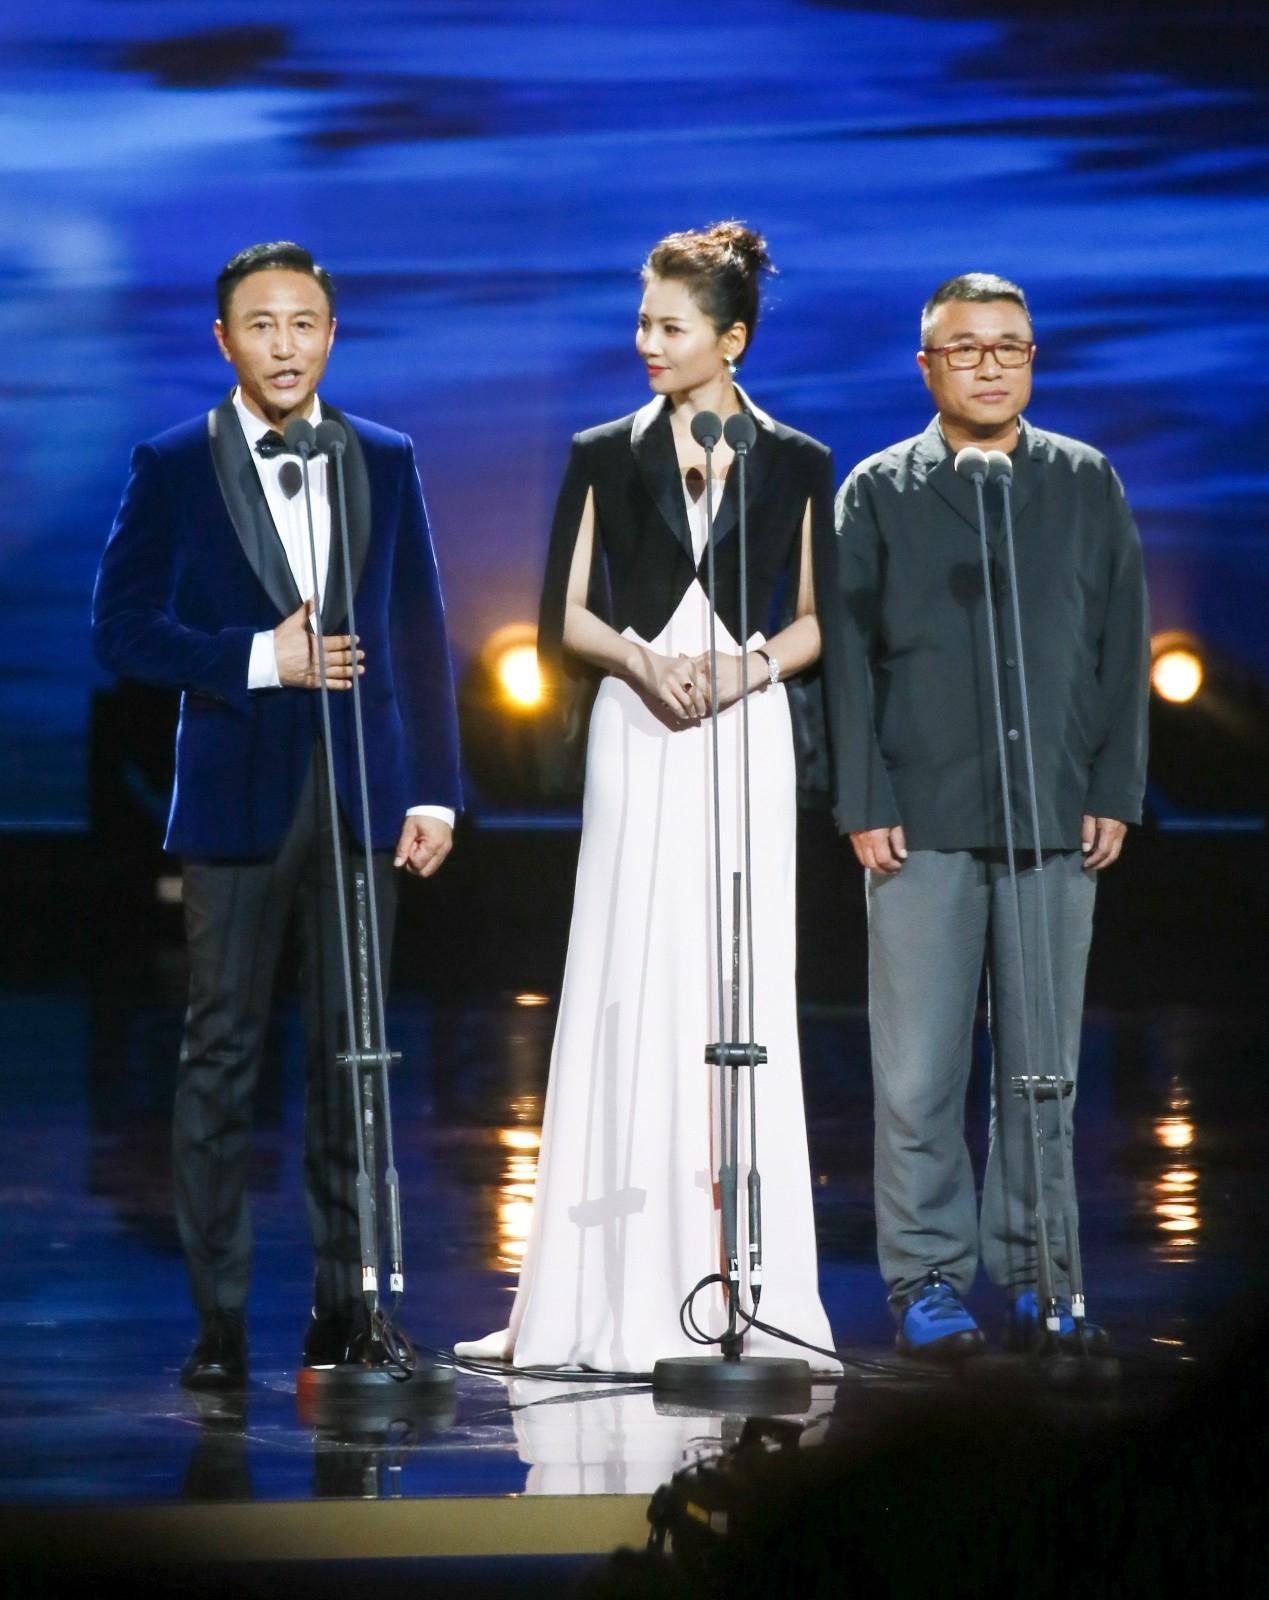 刘涛西装披肩配长裙优雅迷人 携手王洛勇、康洪雷登台颁奖